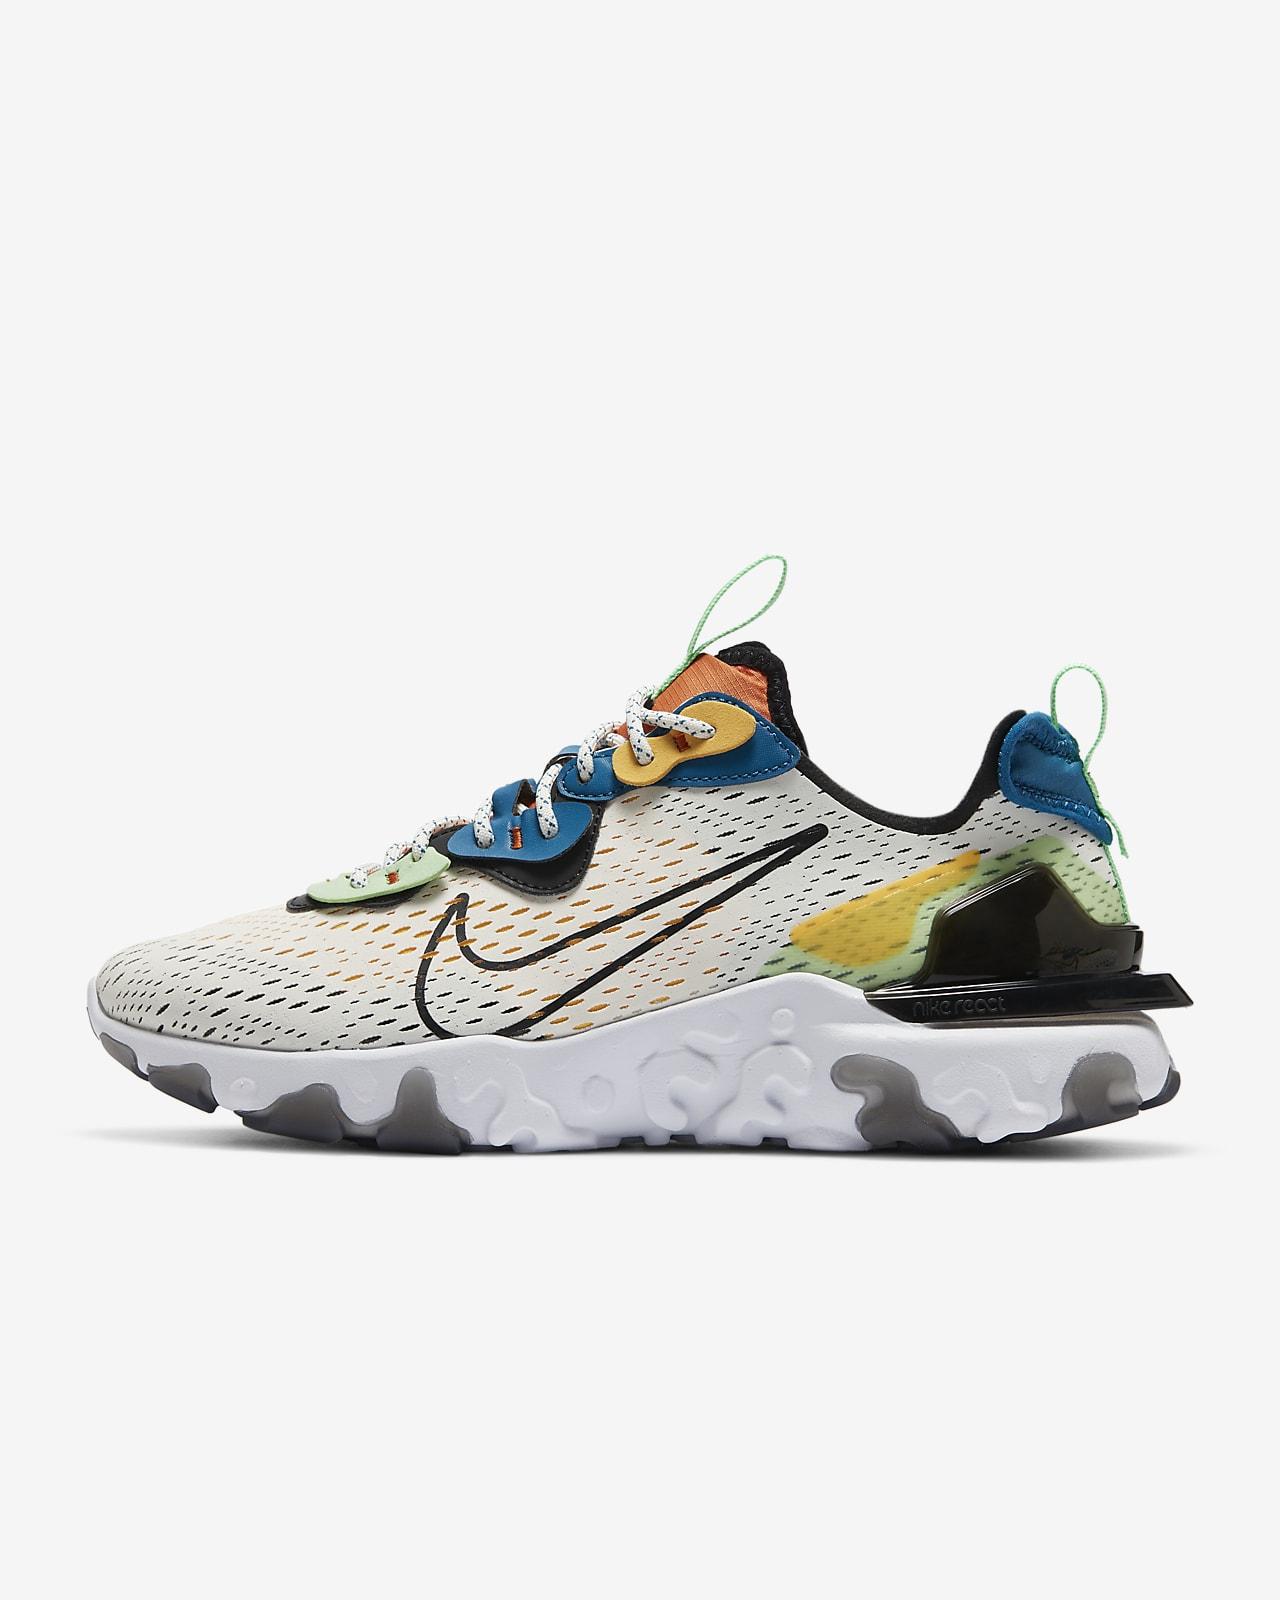 Nike React Vision 男款跑鞋